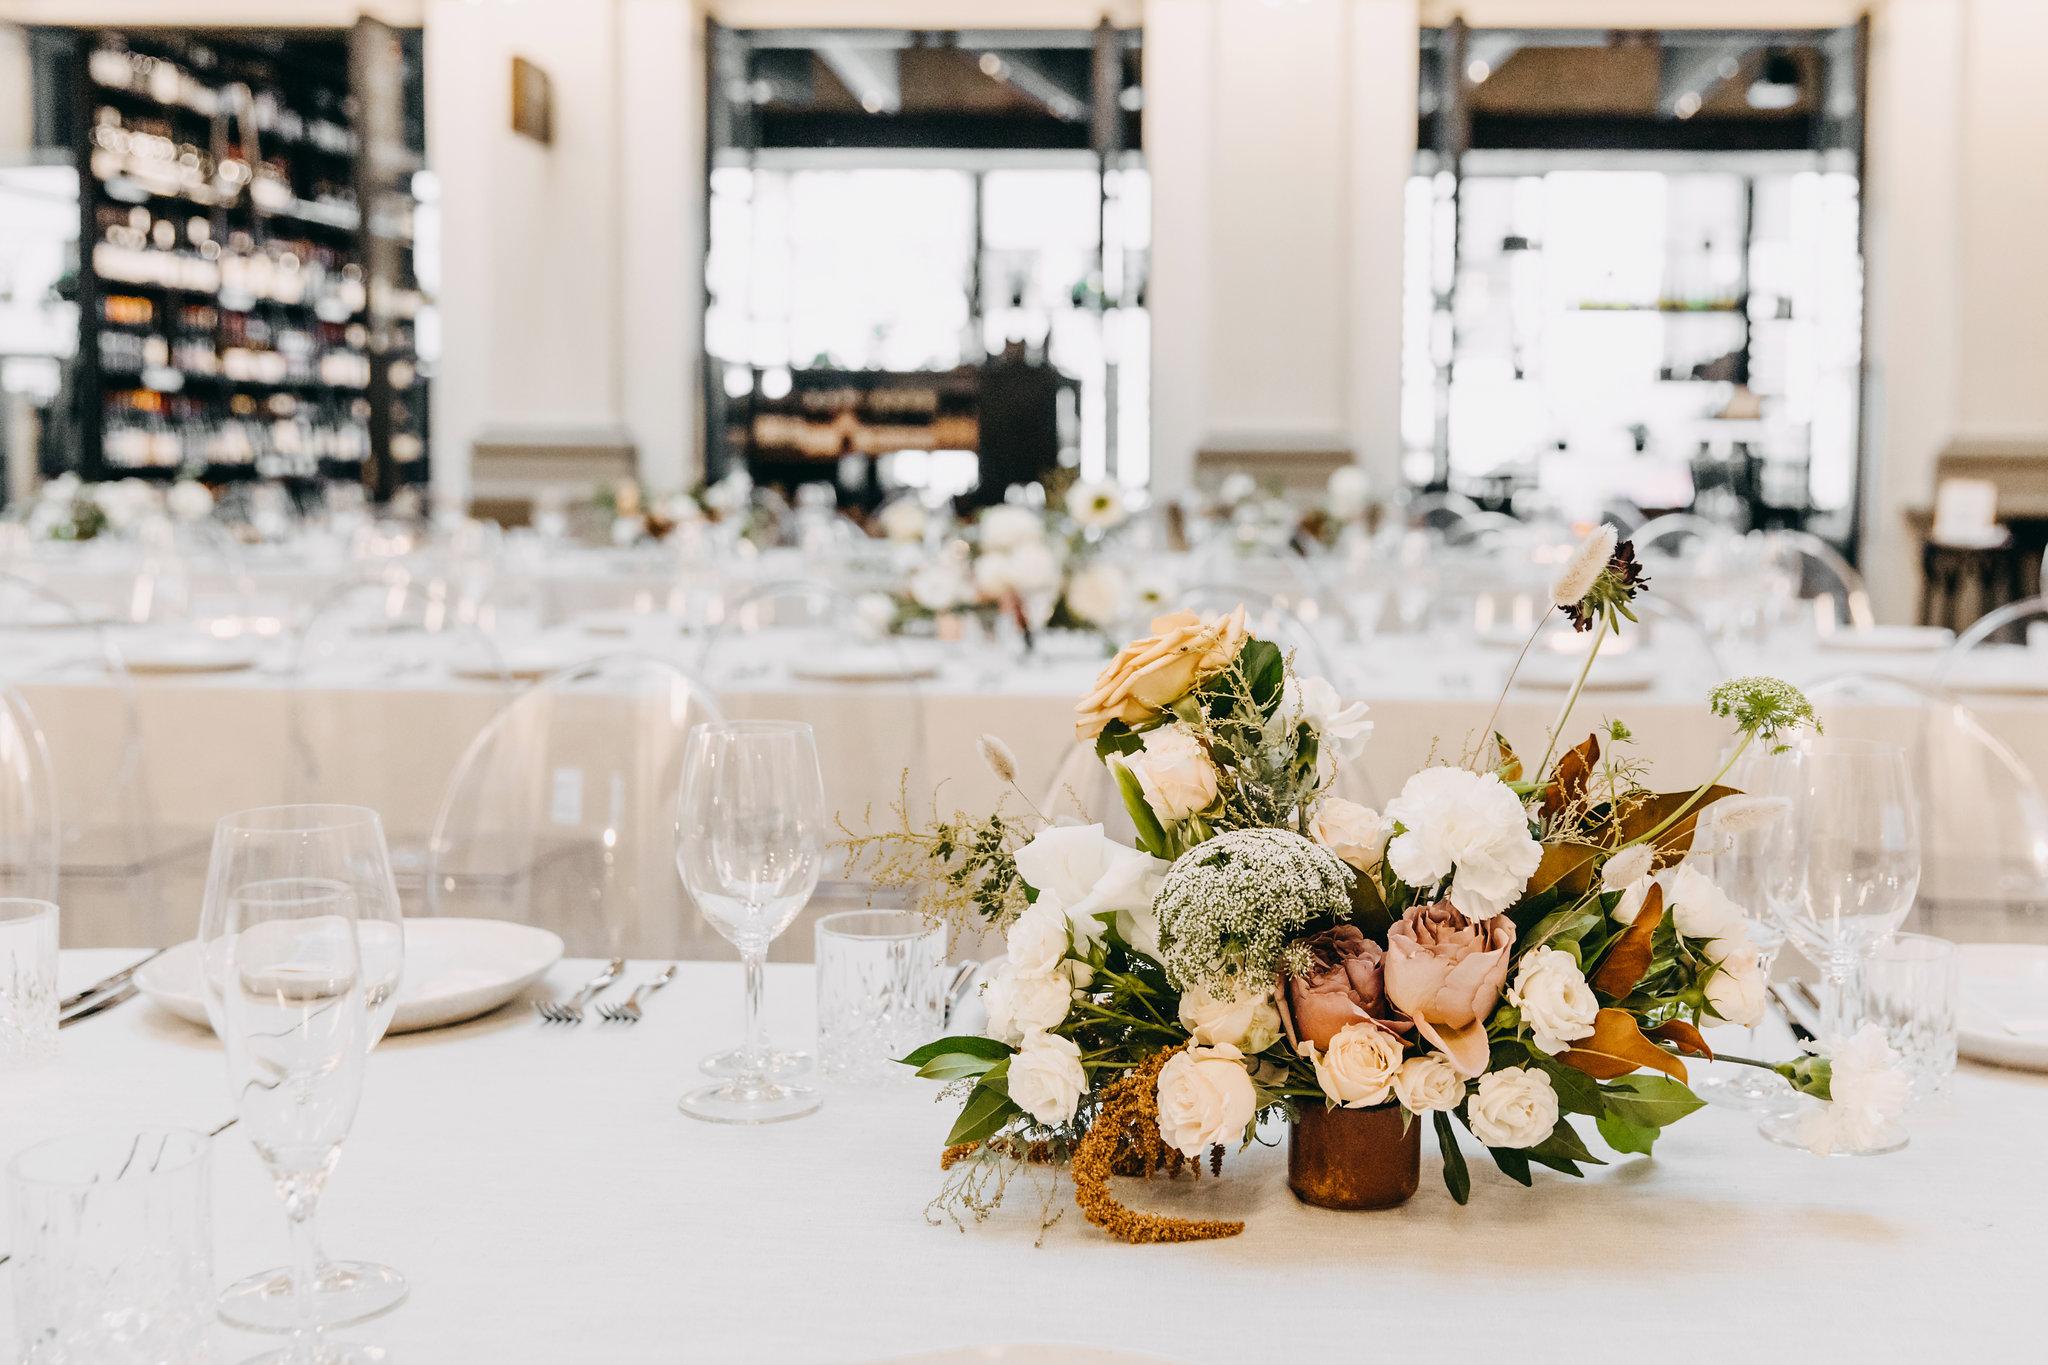 WEDDINGOPENDAY-STATEBUILDINGS-APR2018-52